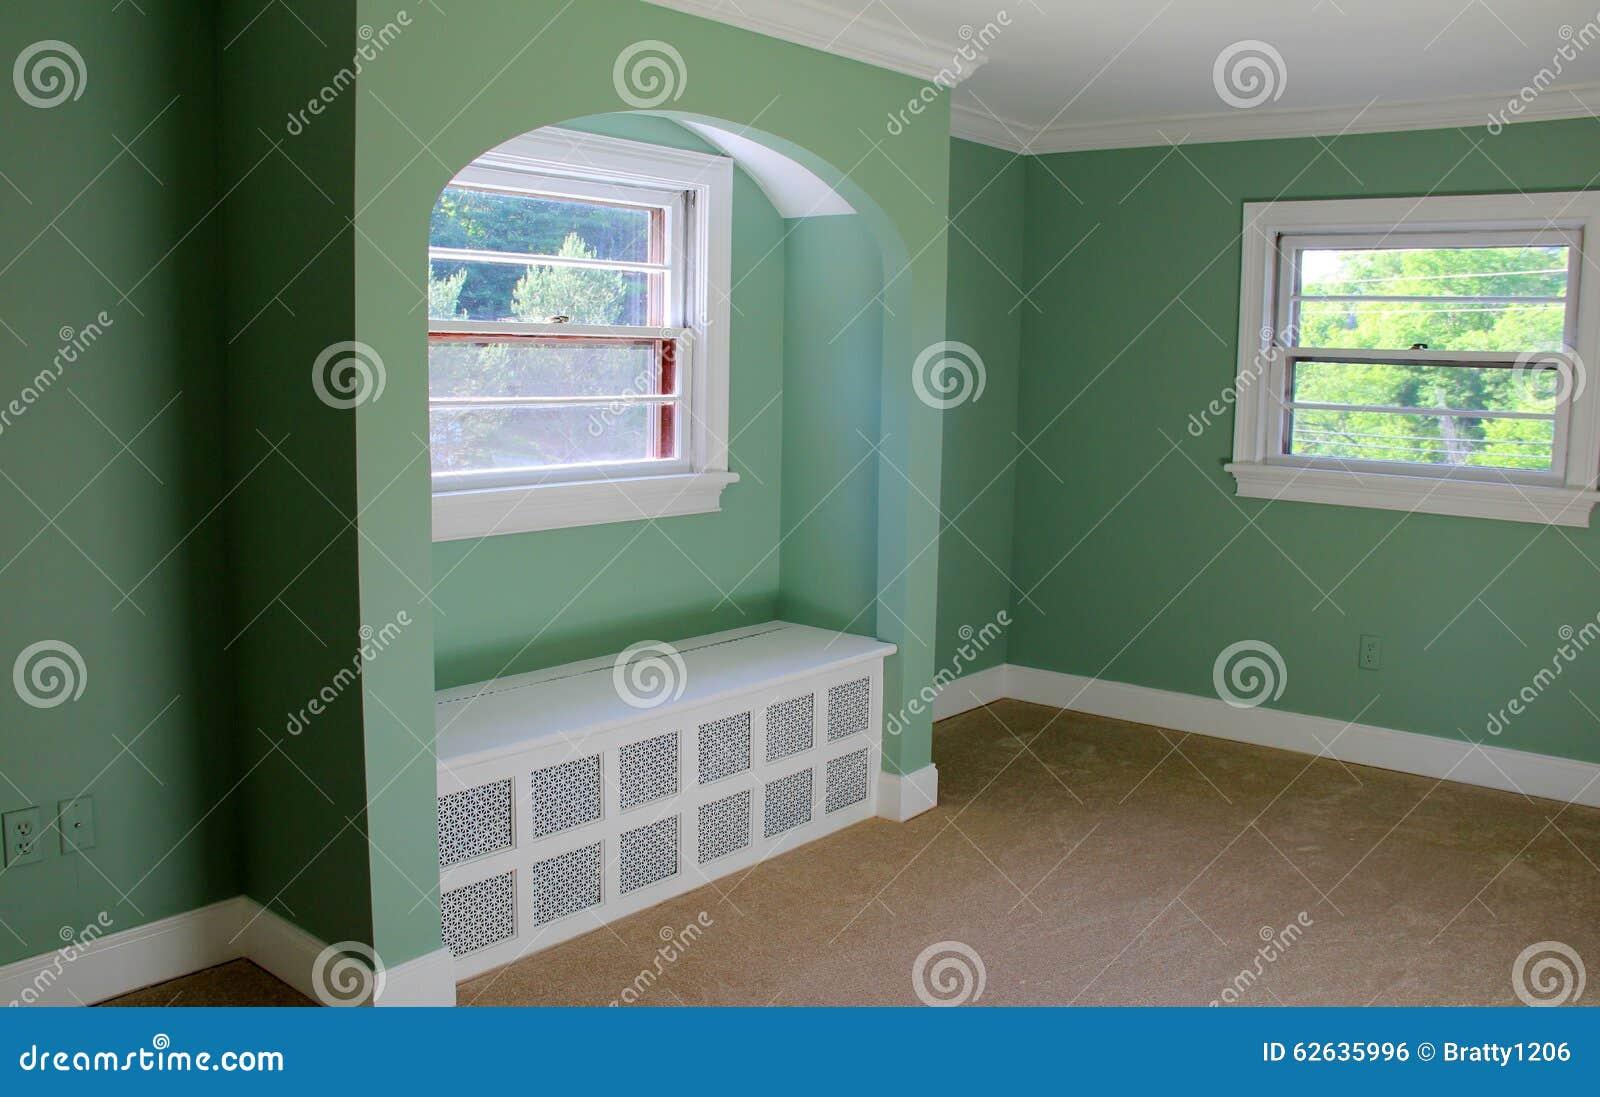 Demostración hermosa de la artesanía en la arquitectura interior del hogar